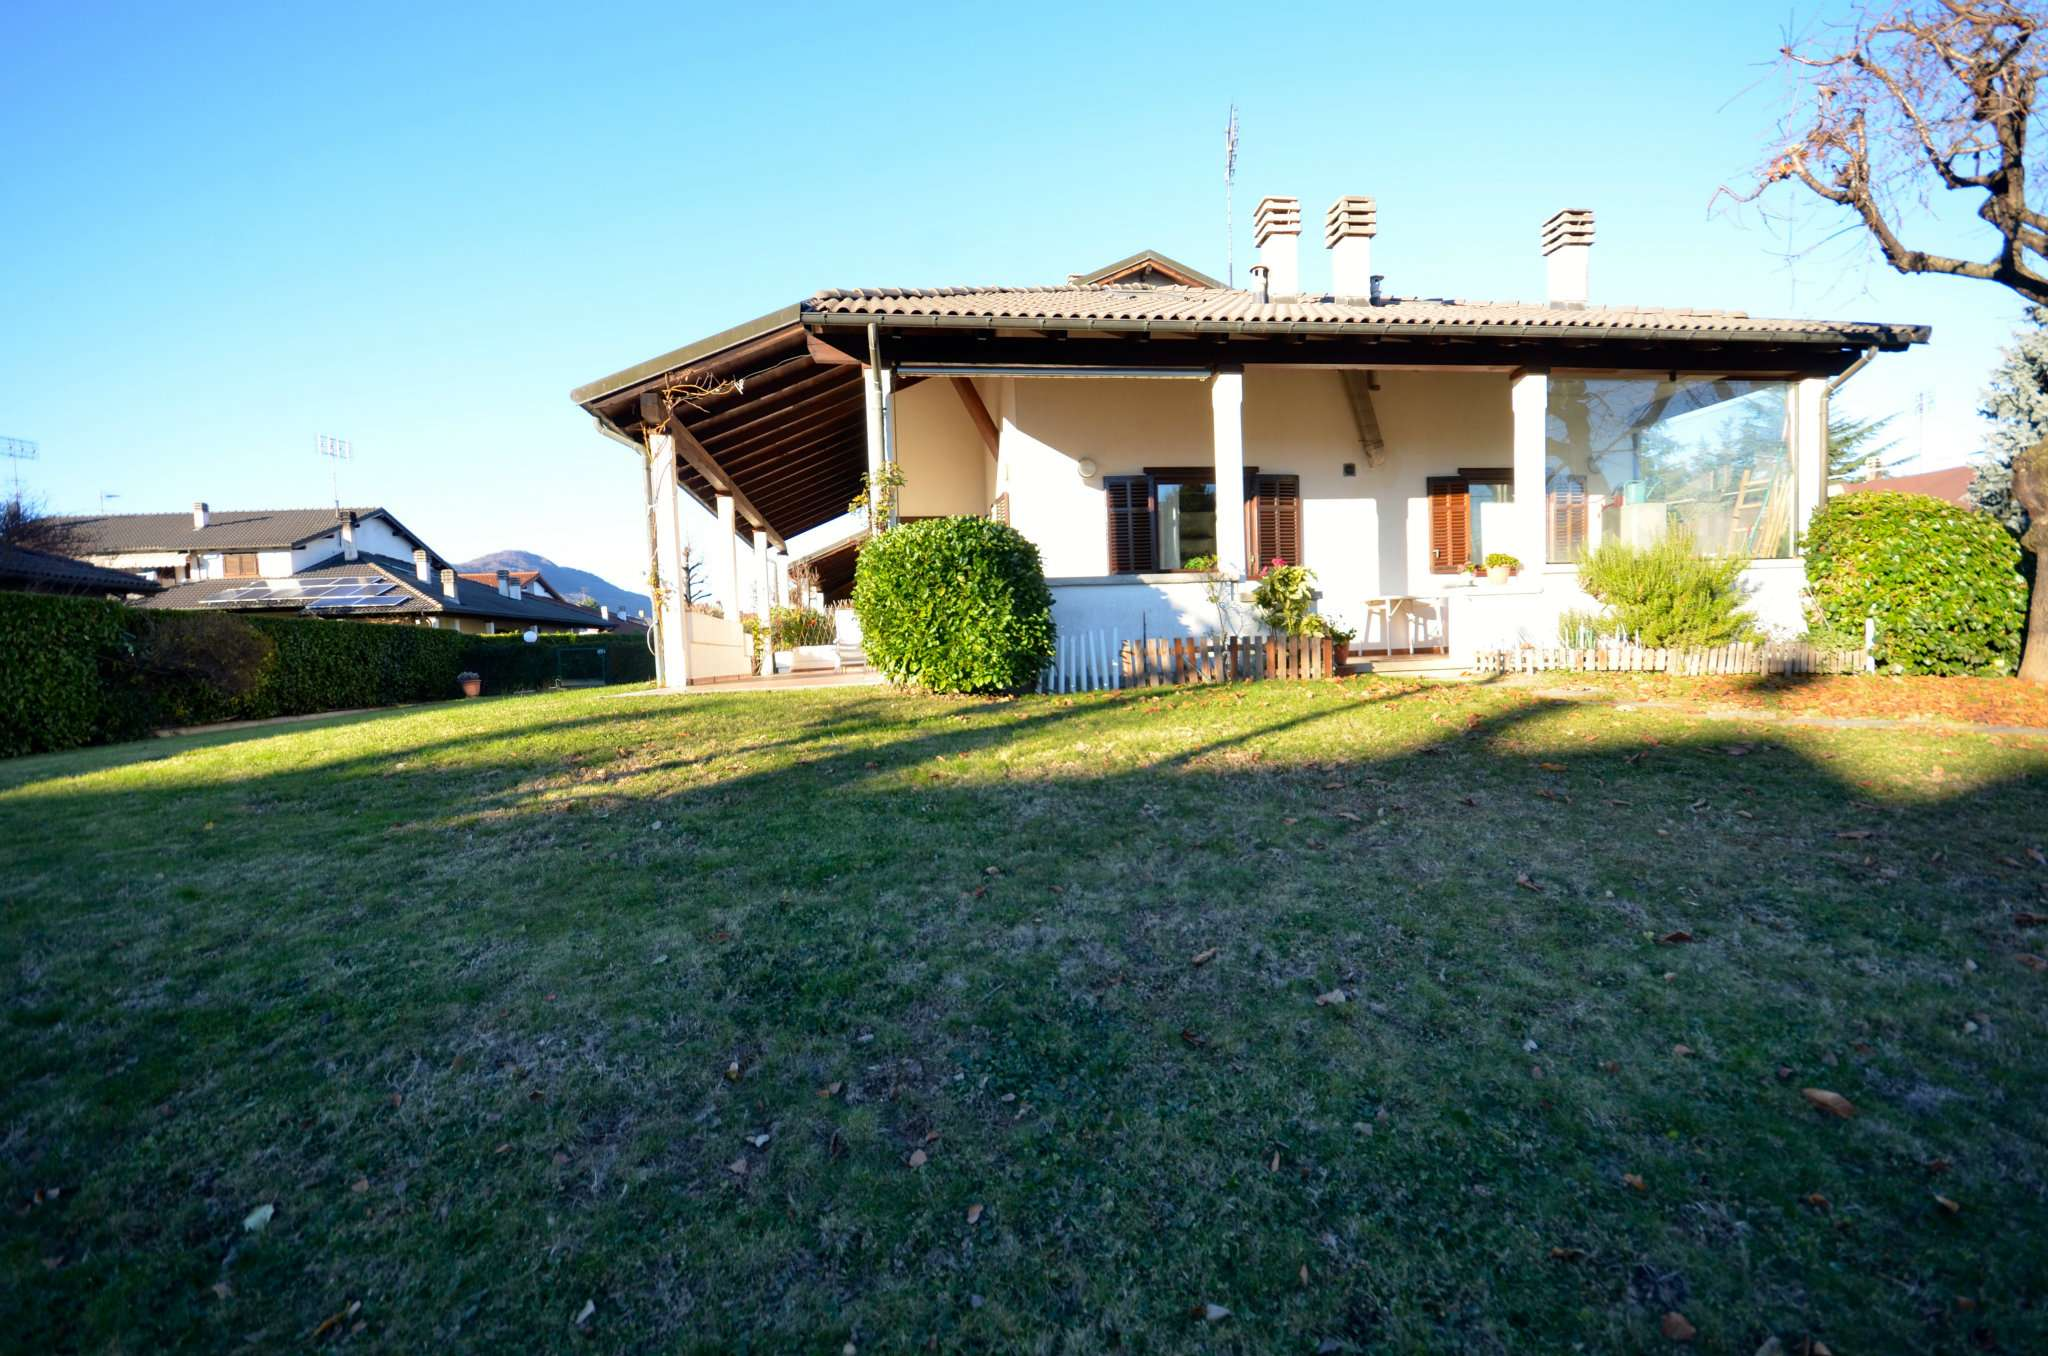 Villa in vendita a Borgo San Dalmazzo, 6 locali, prezzo € 380.000 | CambioCasa.it